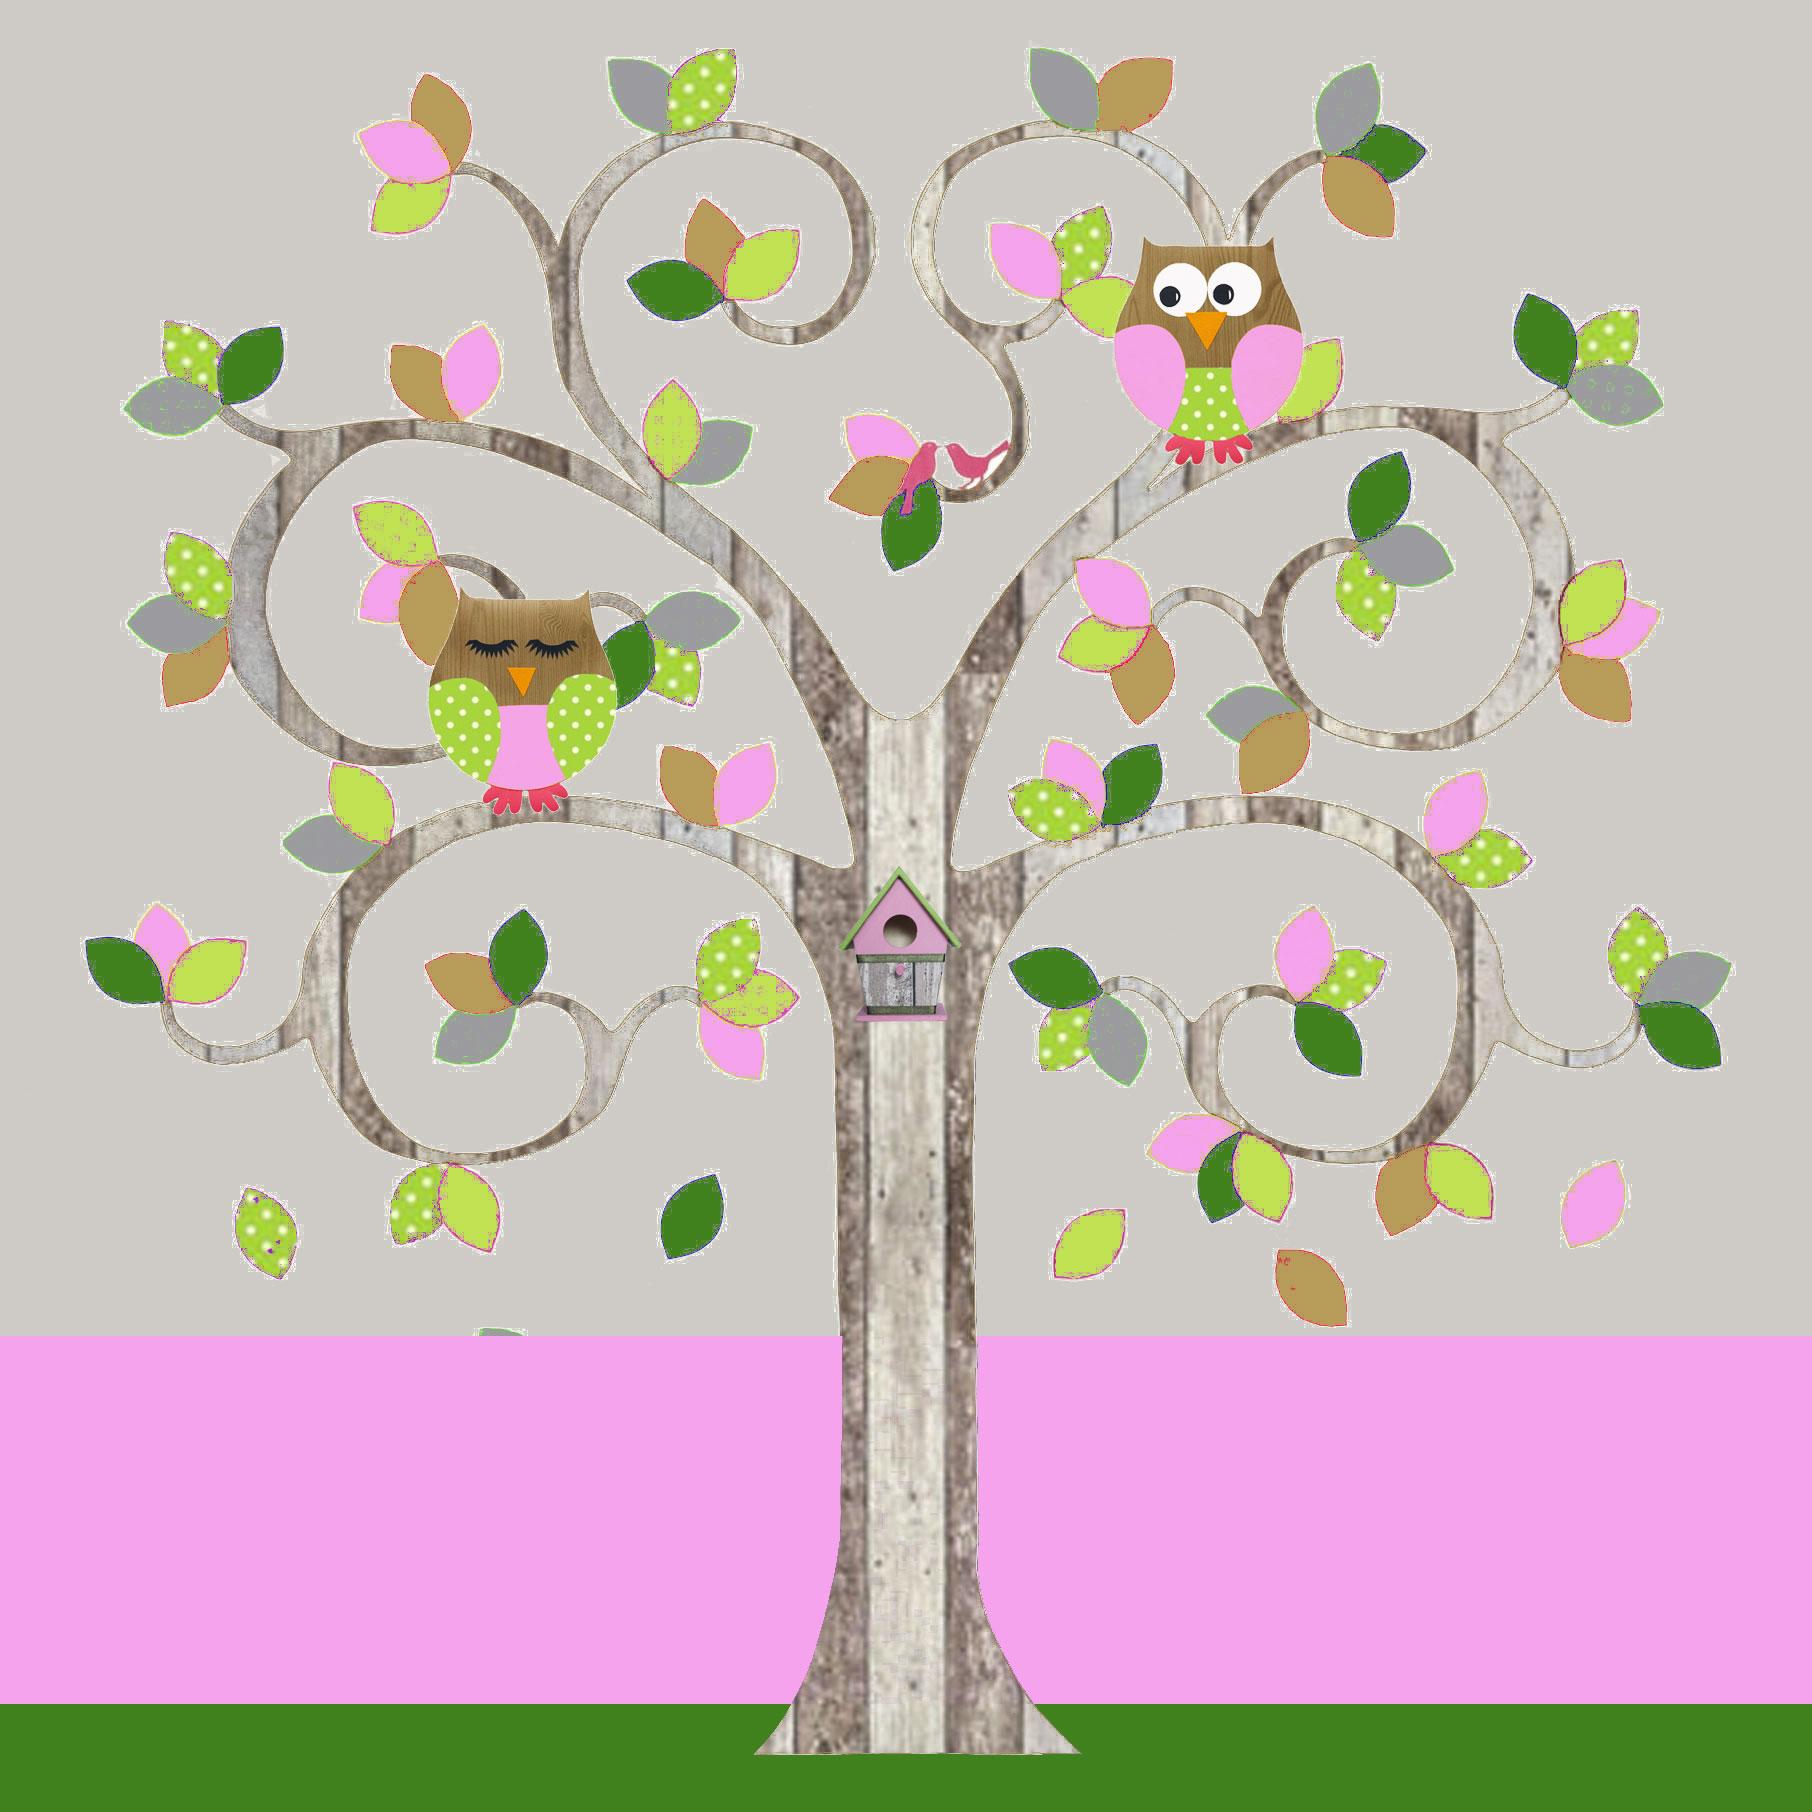 behangboom-C-sloophout-roze-met-uilen